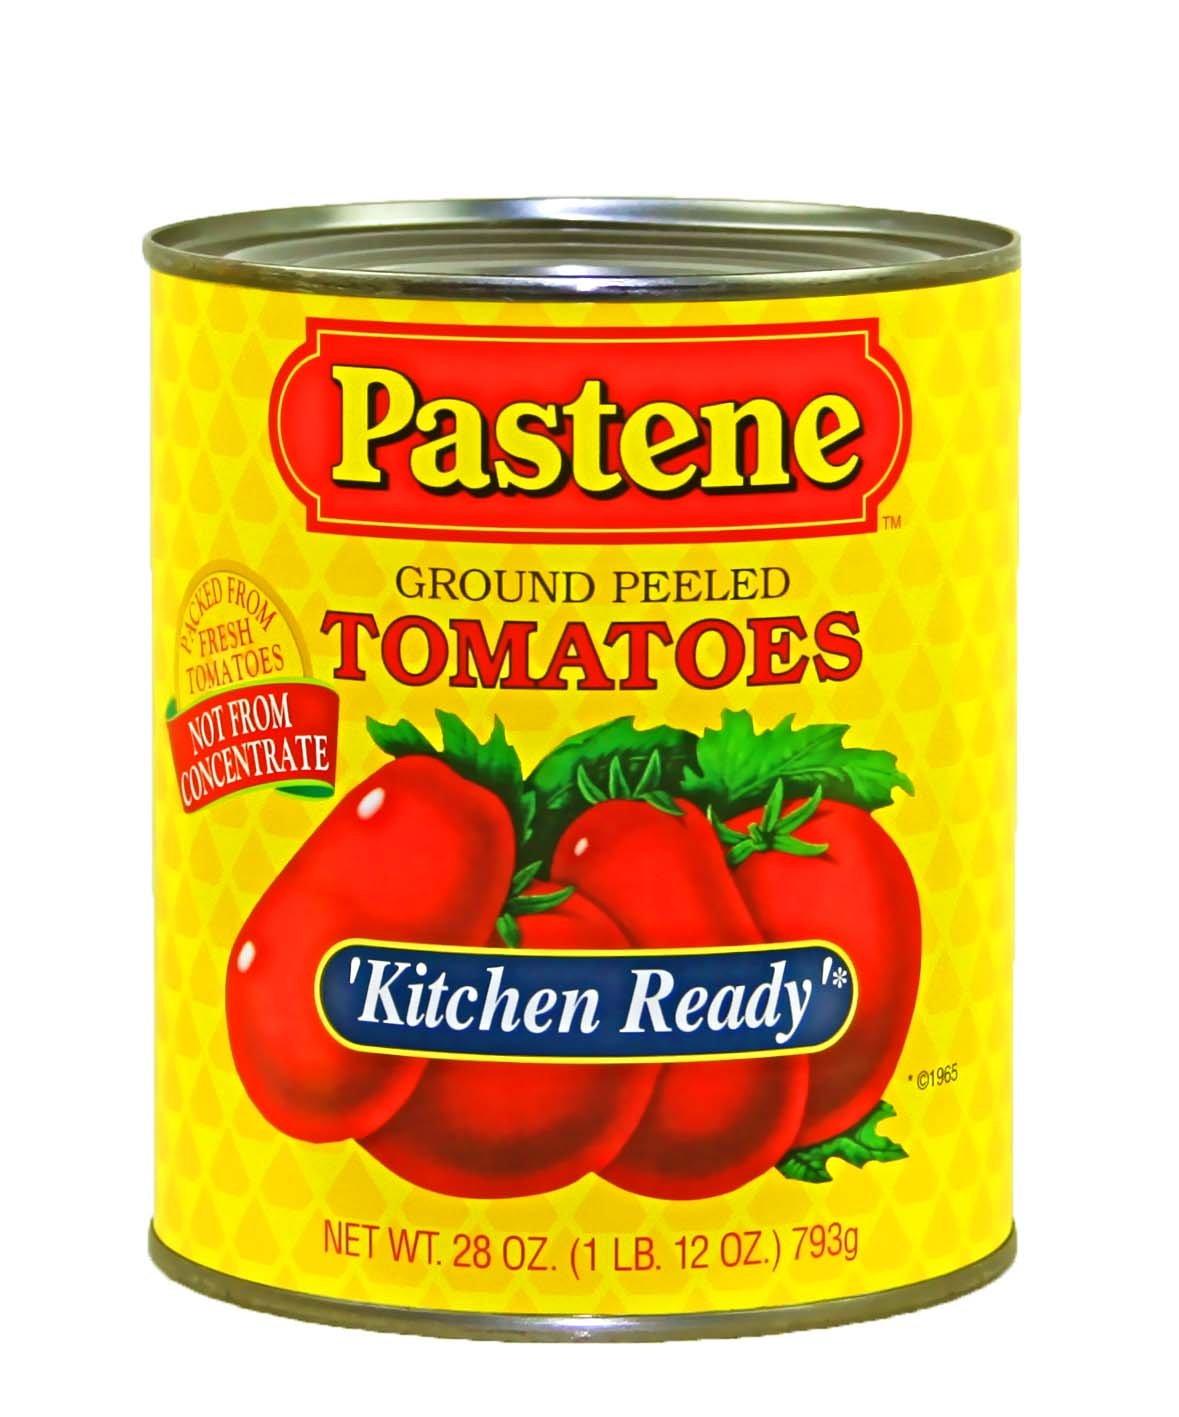 Pastene Kitchen Ready Ground Peeled Tomatoes Net Wt 28 Oz Amazon De Grocery